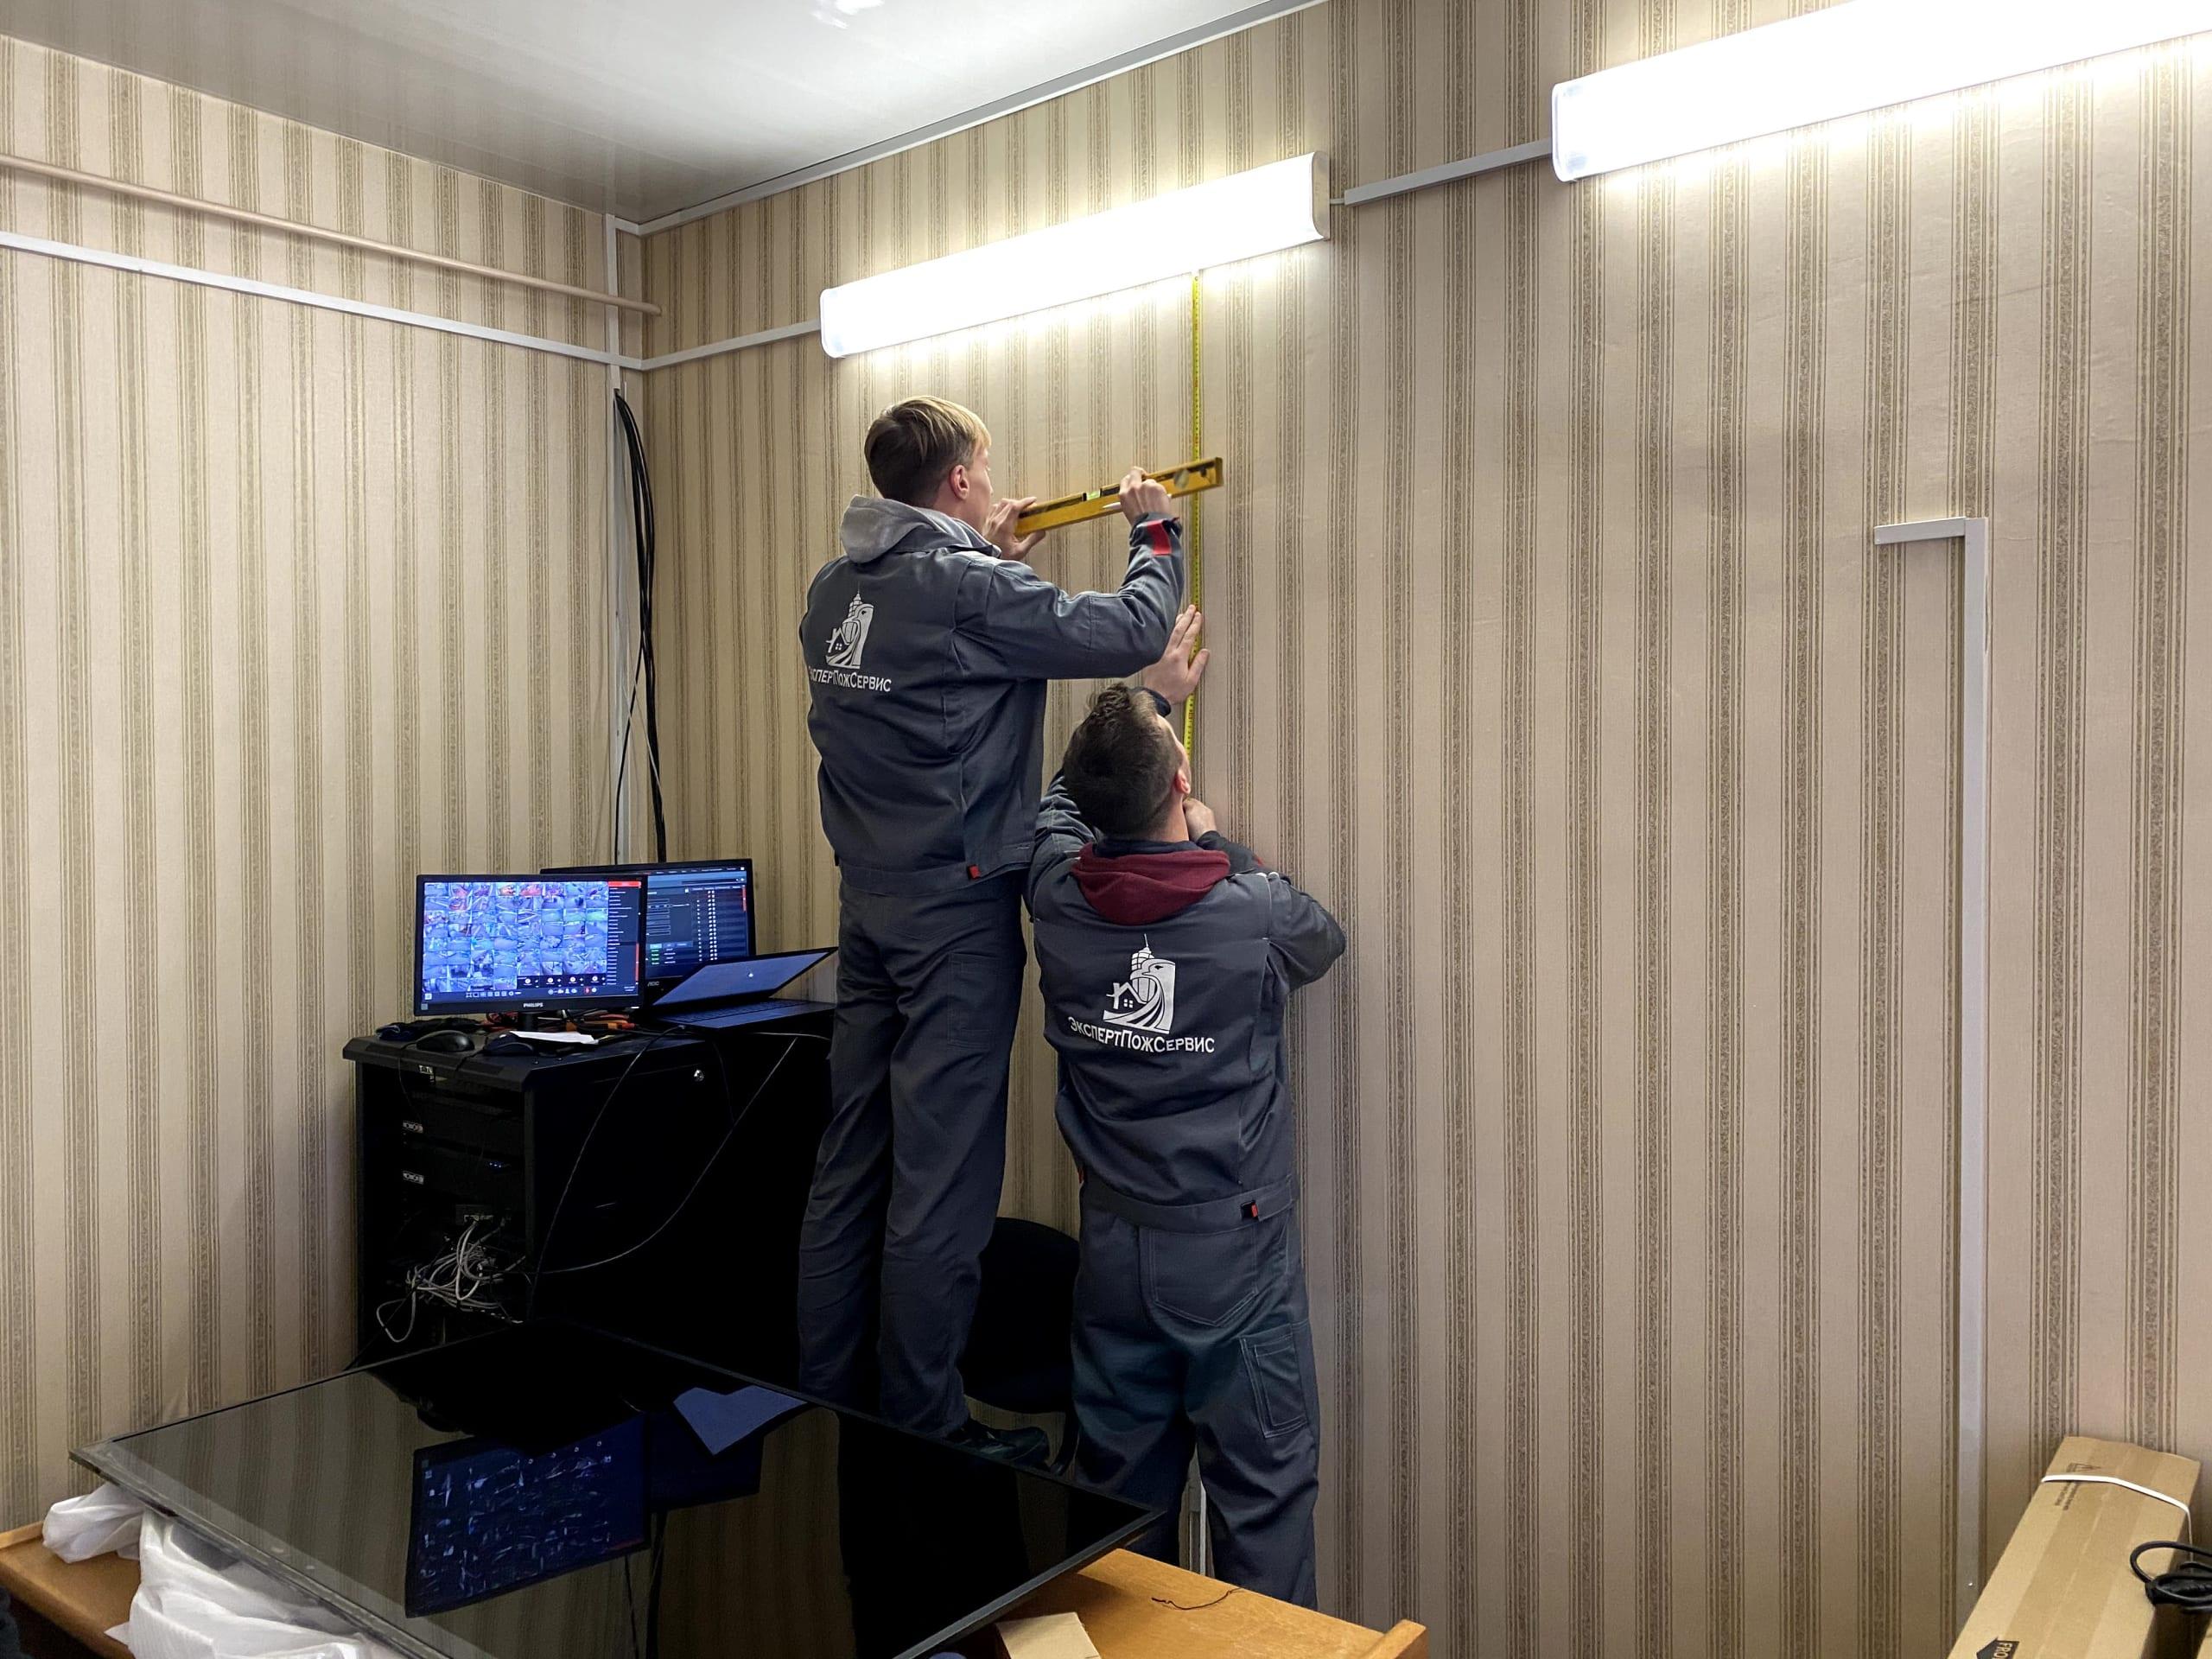 Установка и монтаж системы видеонаблюдения